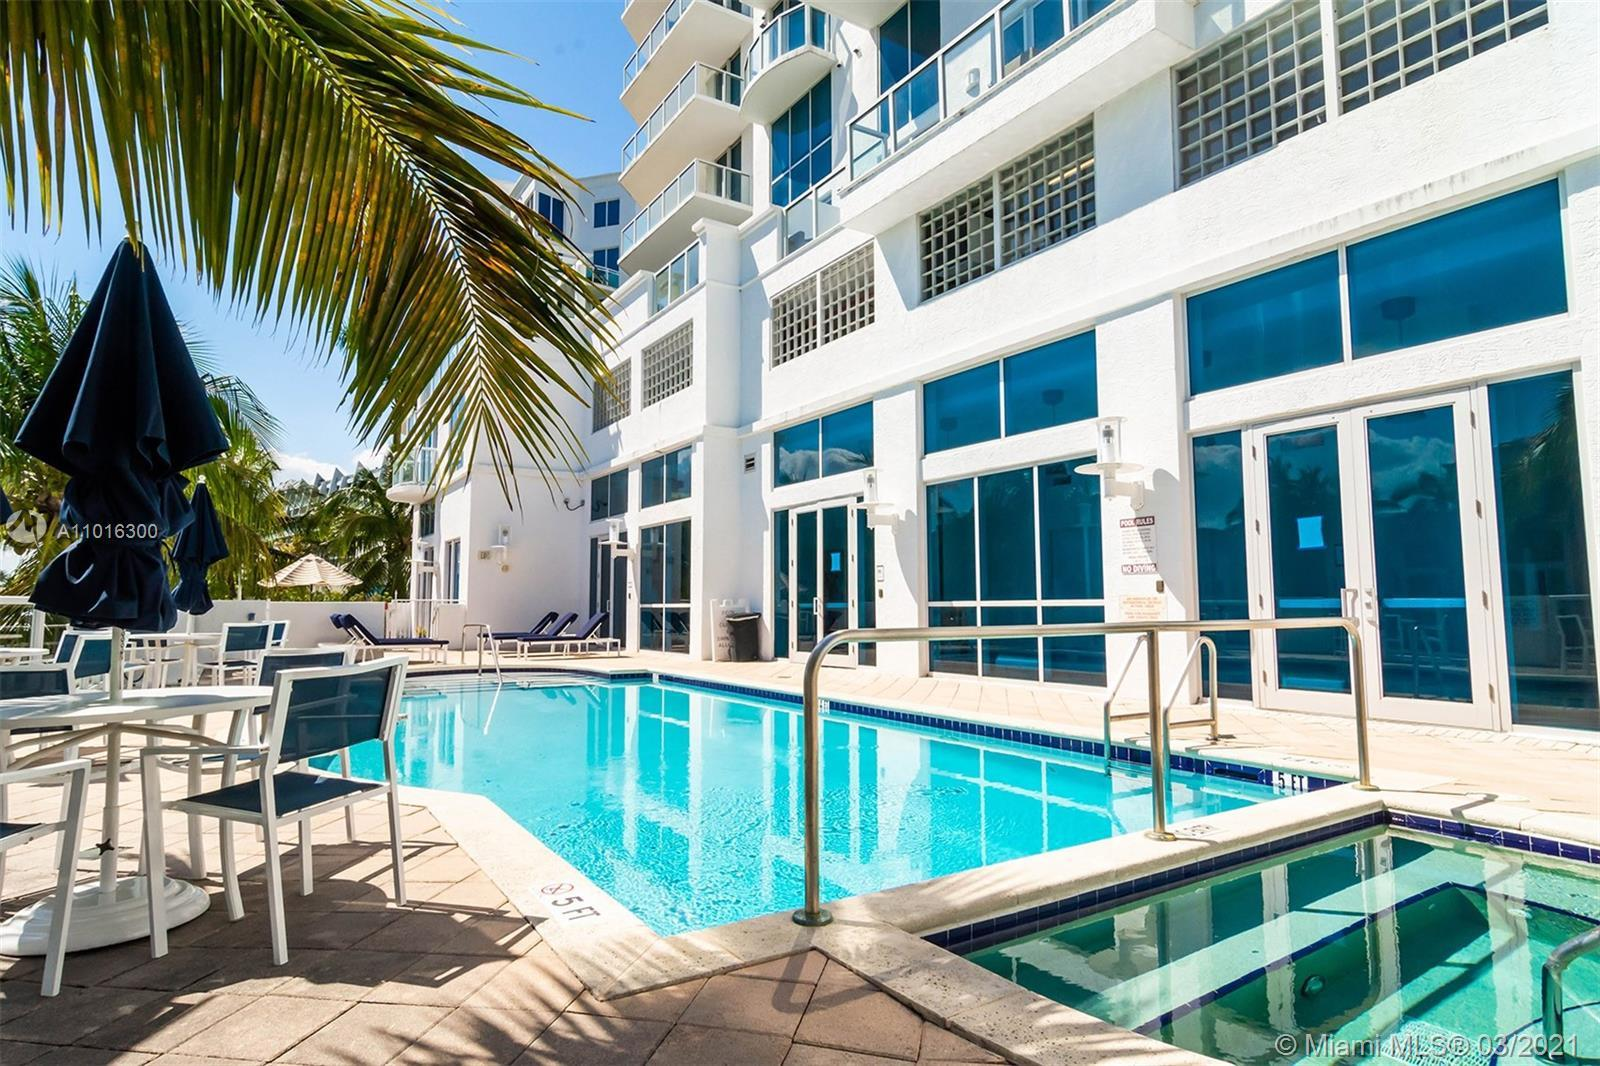 3030 Aventura - Condos for sale in Miami